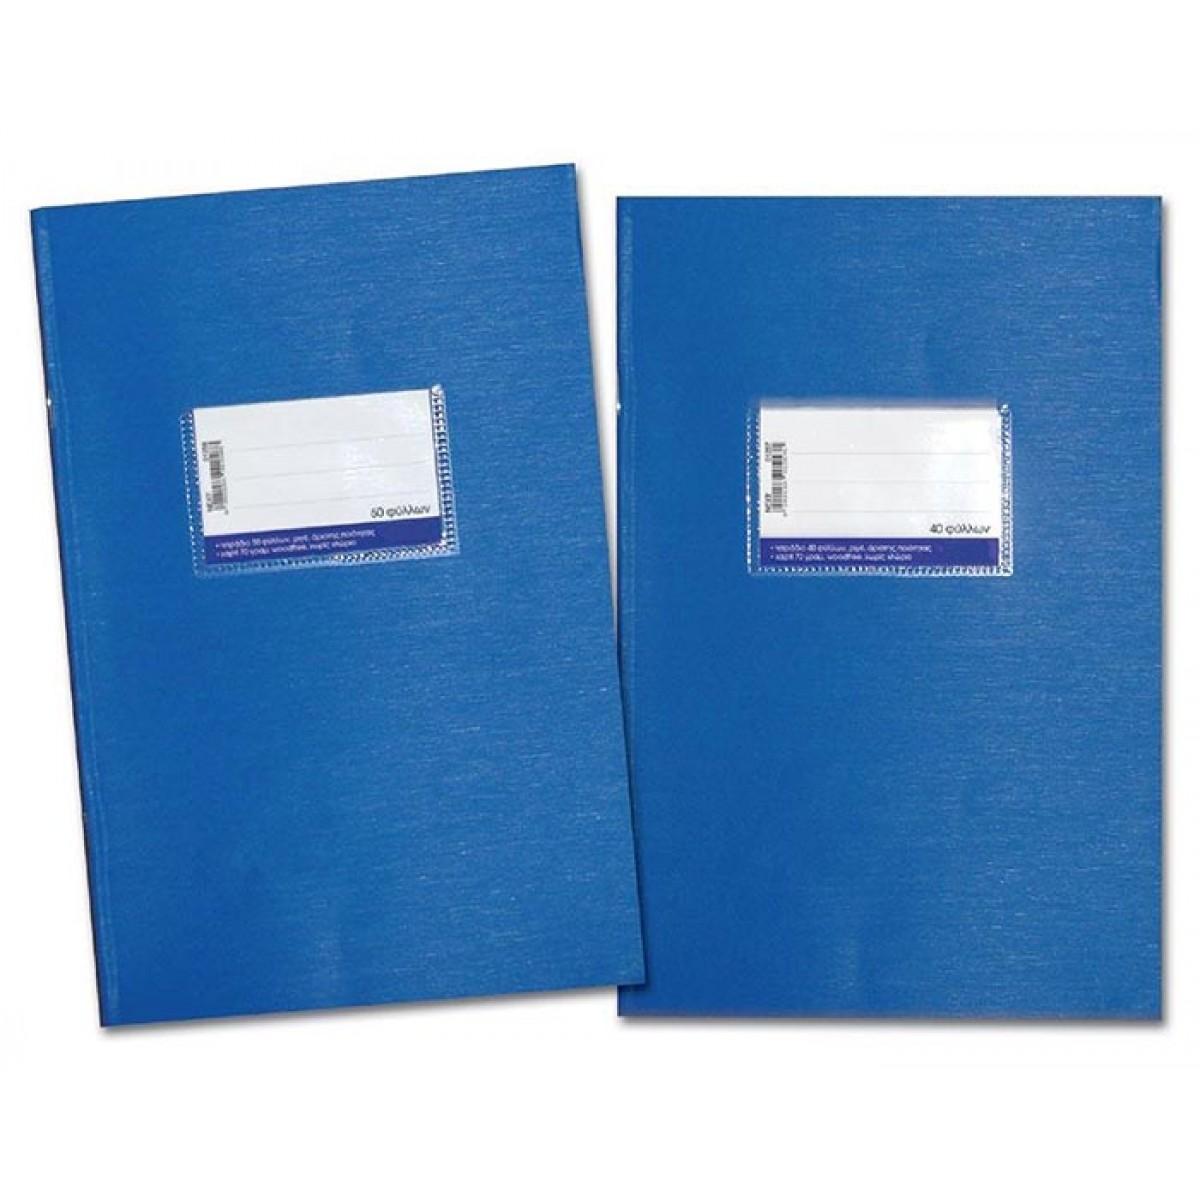 Σχολικό Τετράδιο 50 Φύλλα Μπλε